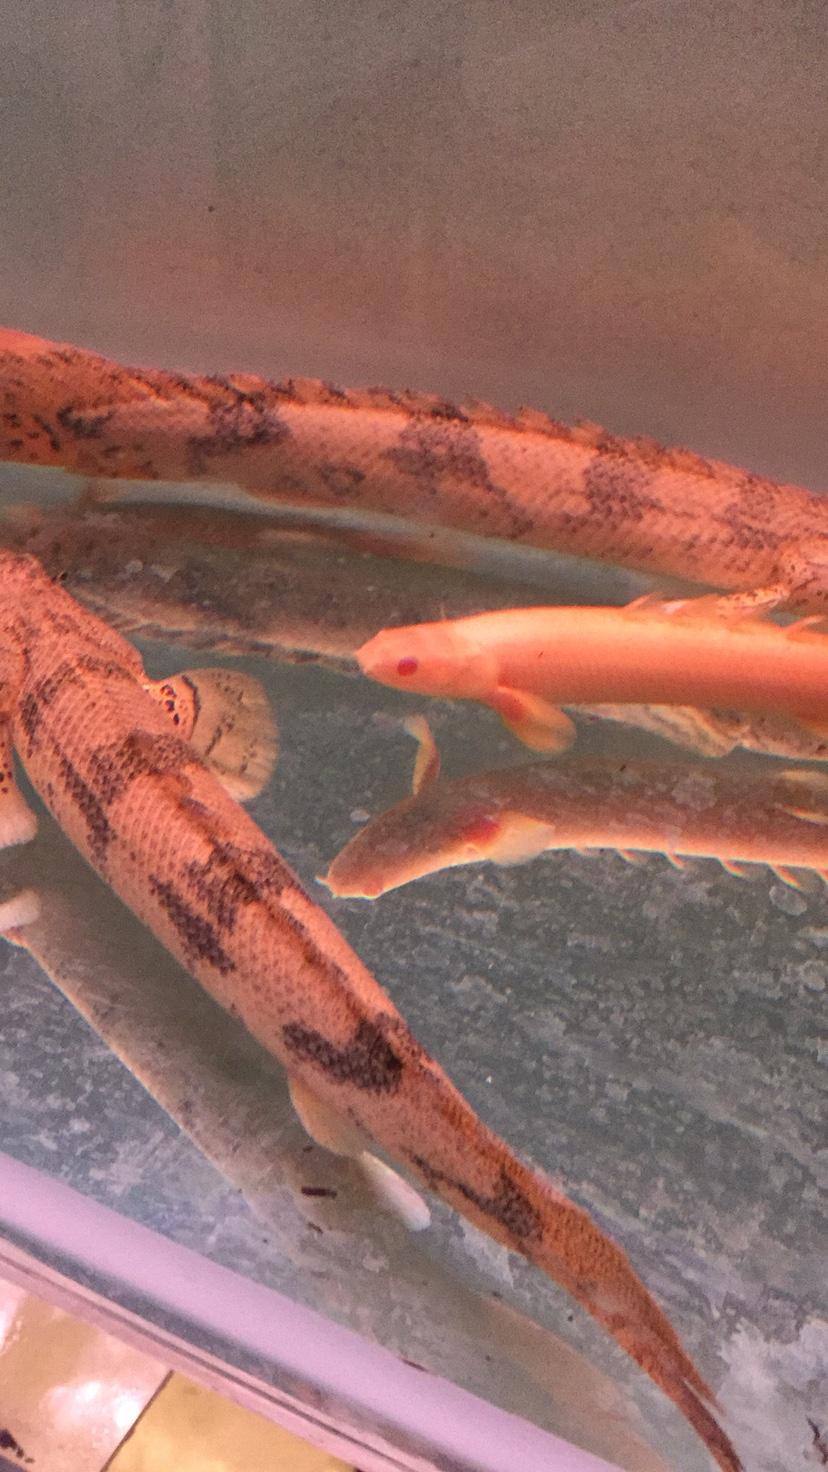 鱼儿漂亮吧 西安观赏鱼信息 西安博特第1张